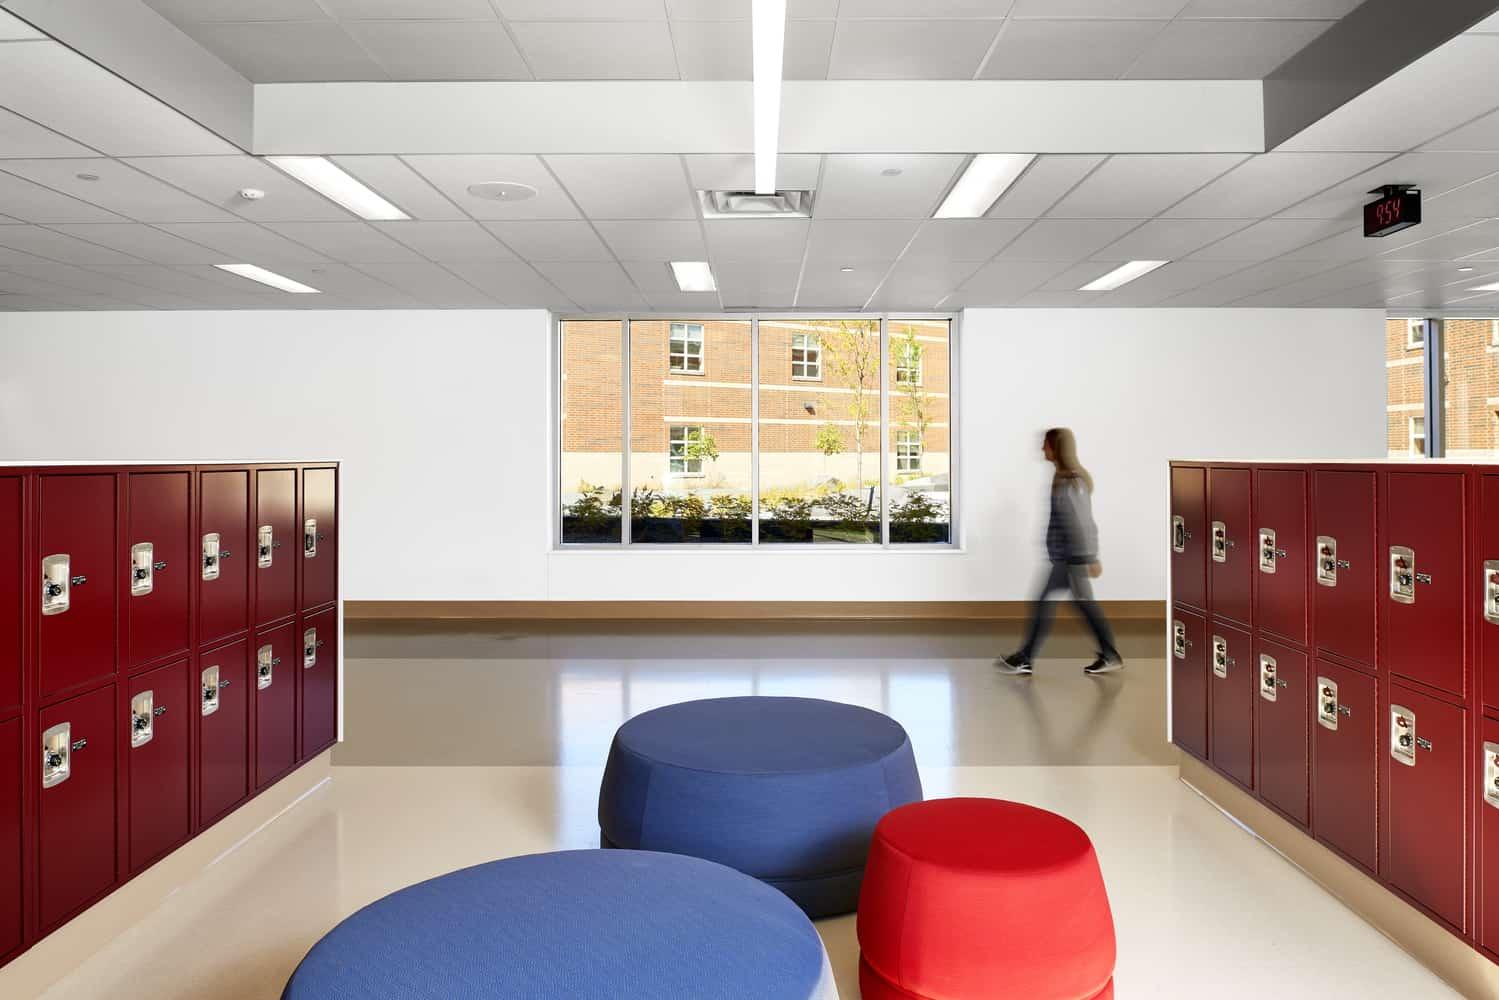 Stillwater Area Public Schools Stillwater High School